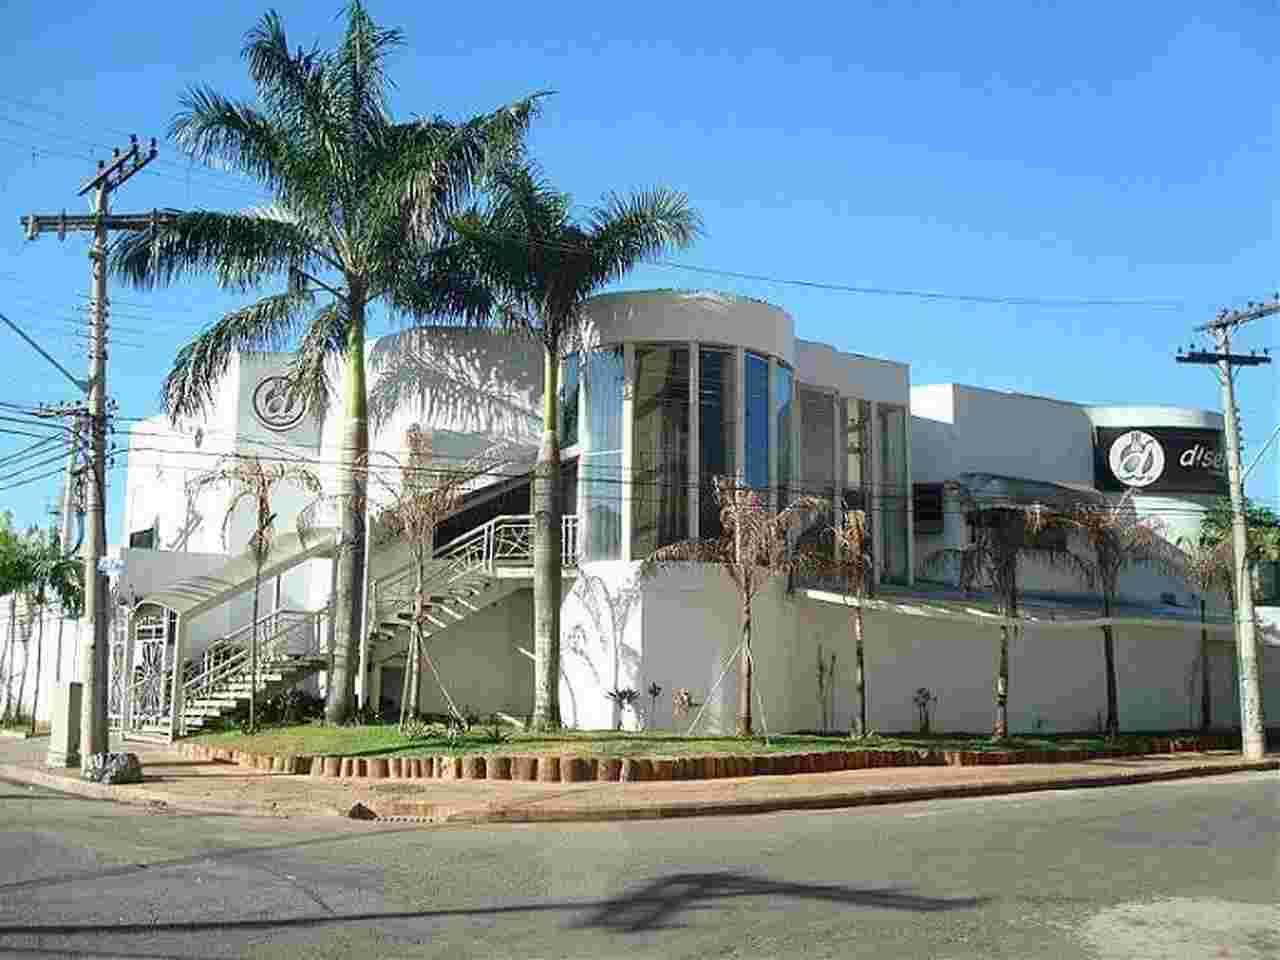 Boates antigas de Goiânia: Disel Lounge | Foto: Reprodução